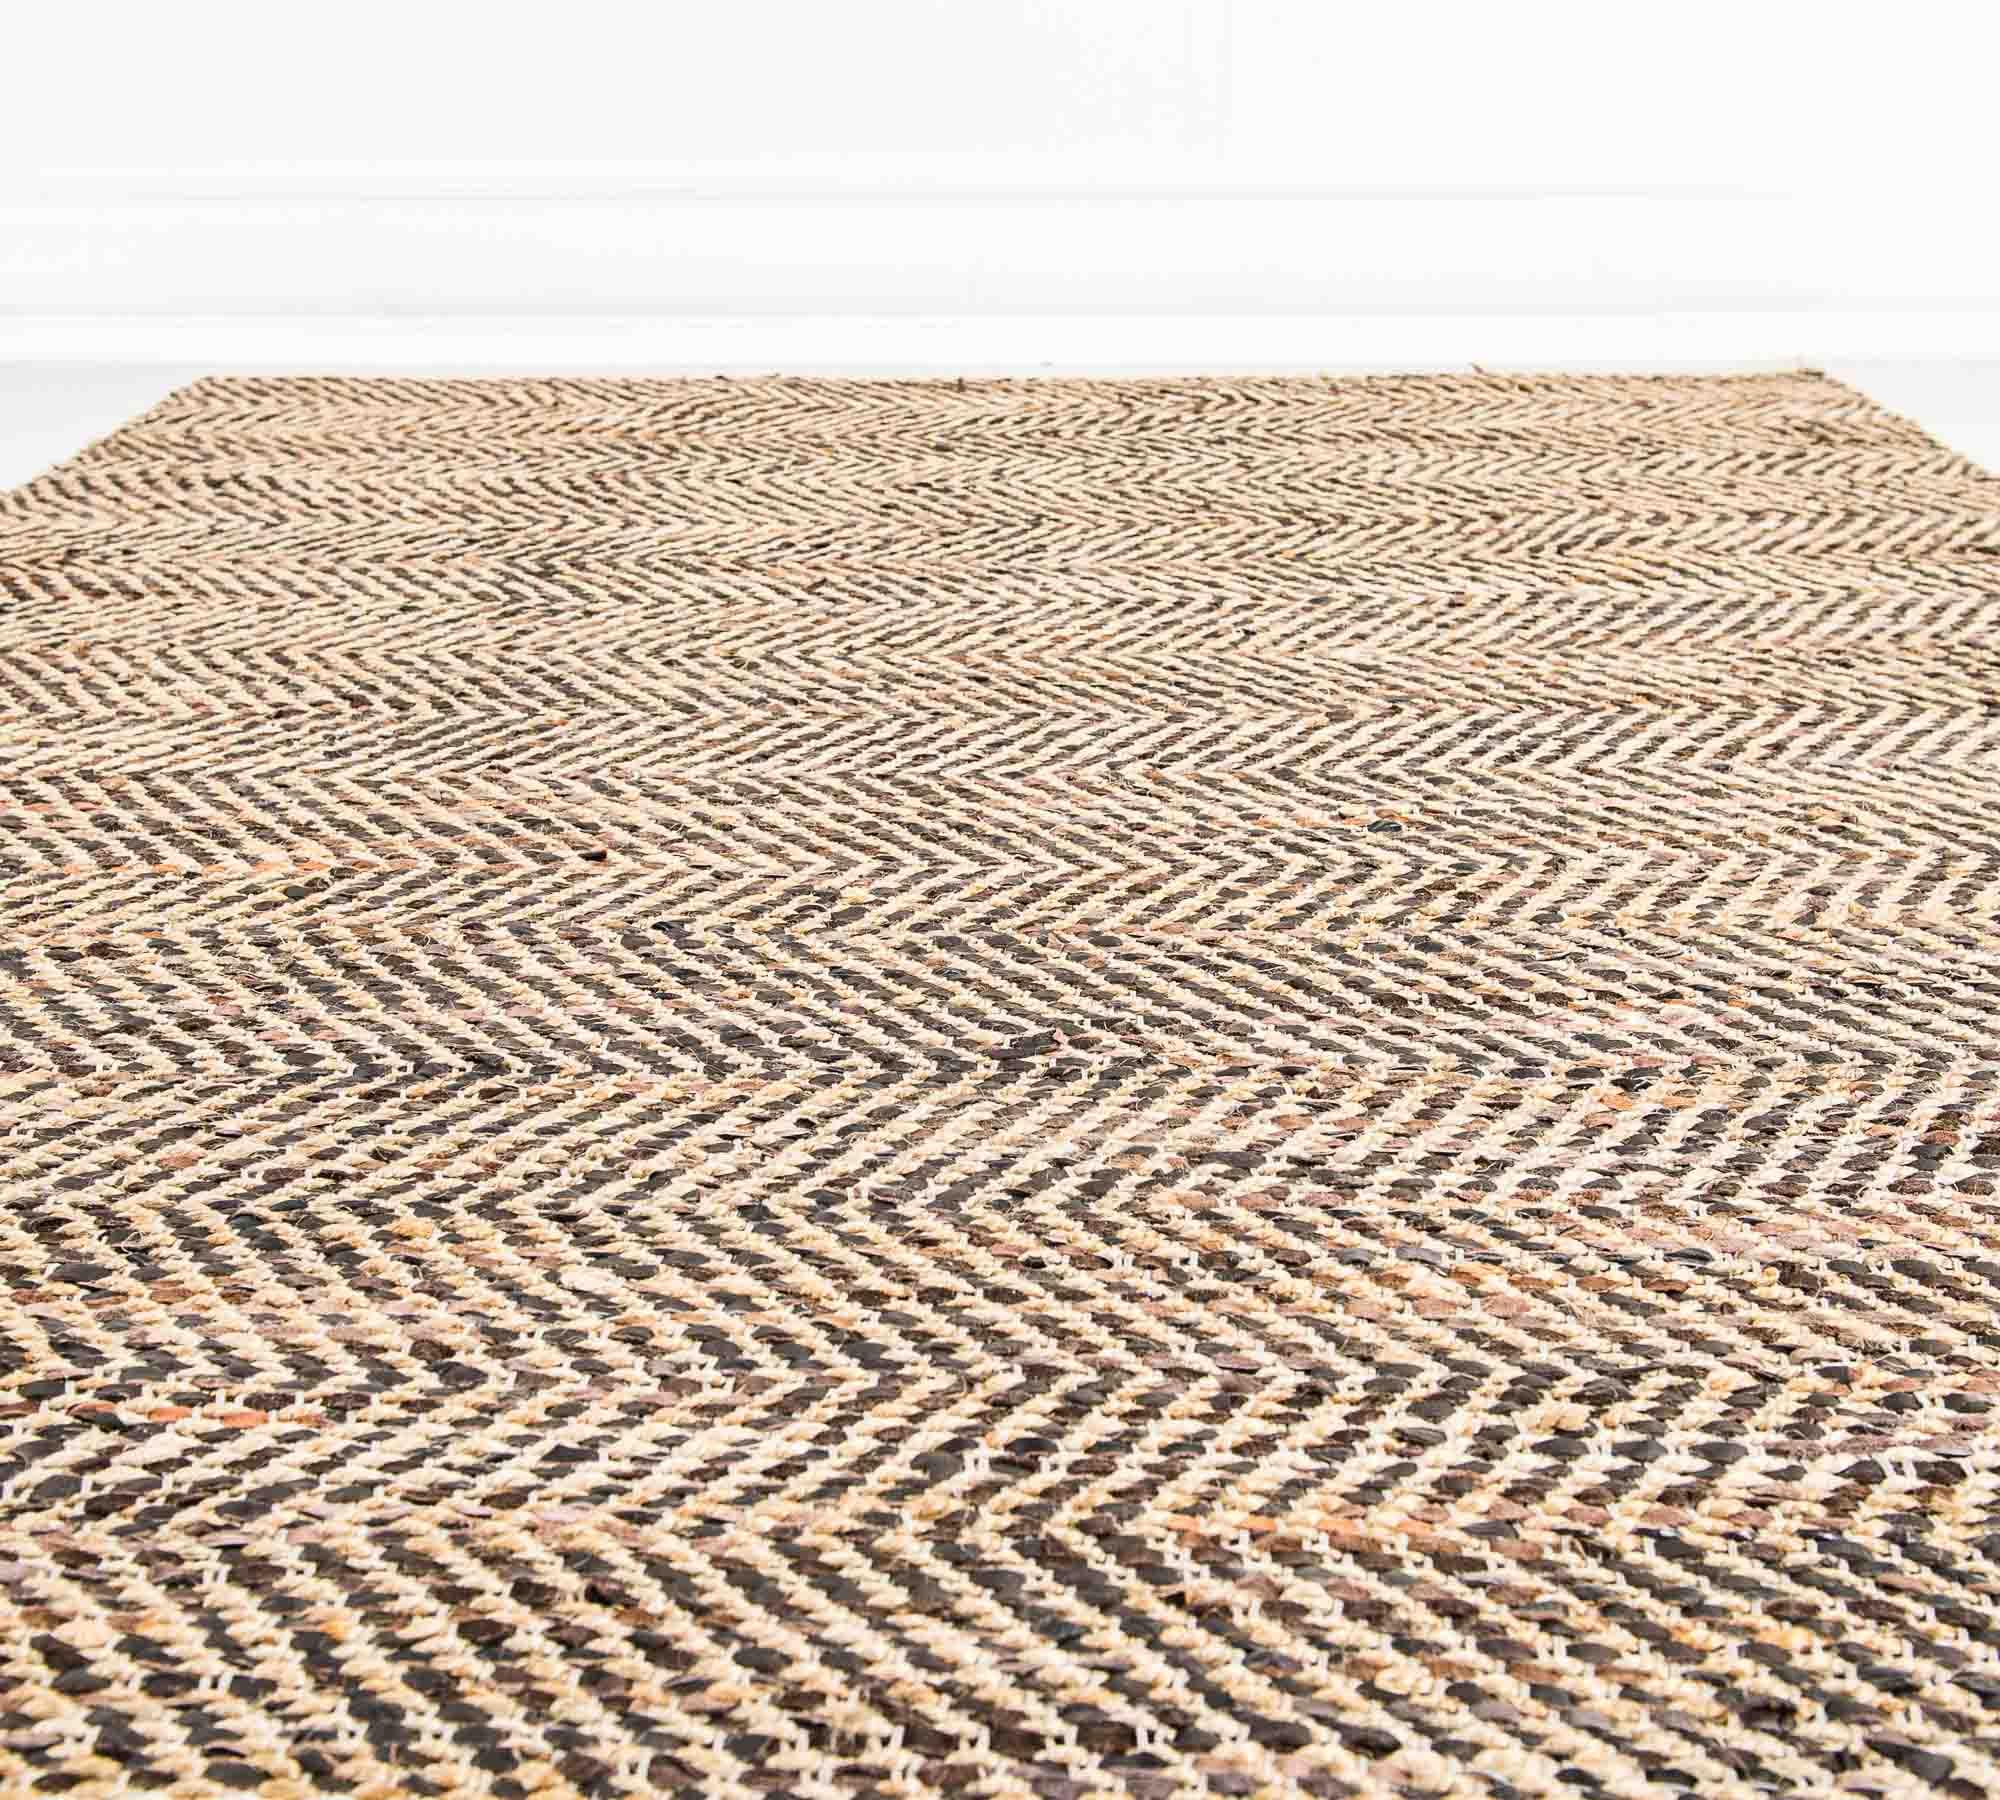 Tappeto in juta e pelle marrone 200 x 300 cm duzzle for Amazon tappeti bagno